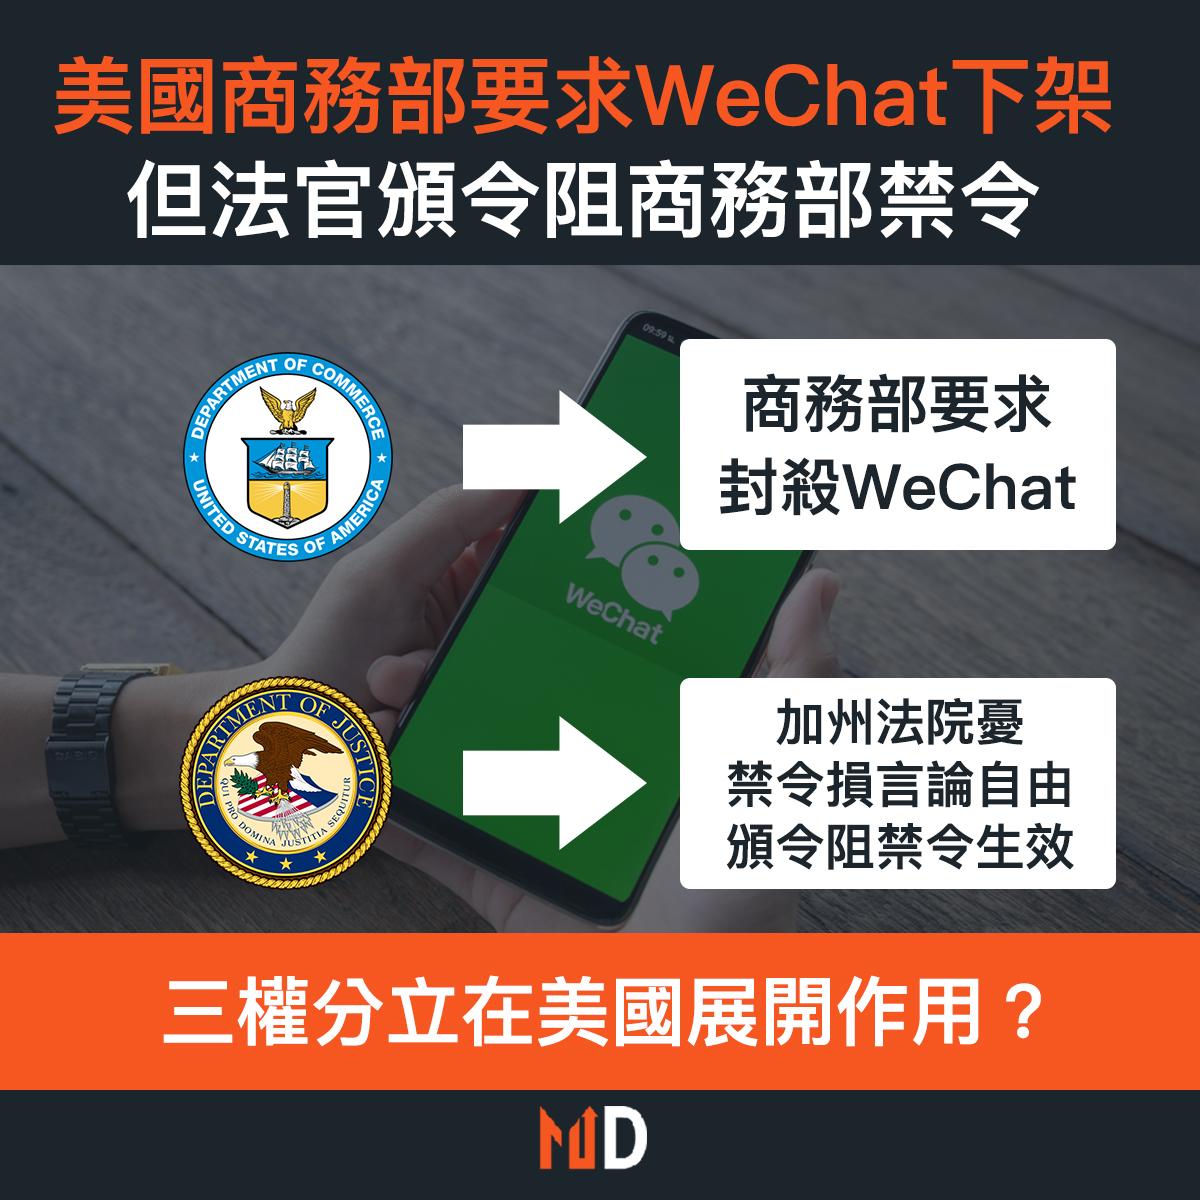 【WeChat事件】美國商務部要求WeChat下架,但法官頒令阻商務部禁令